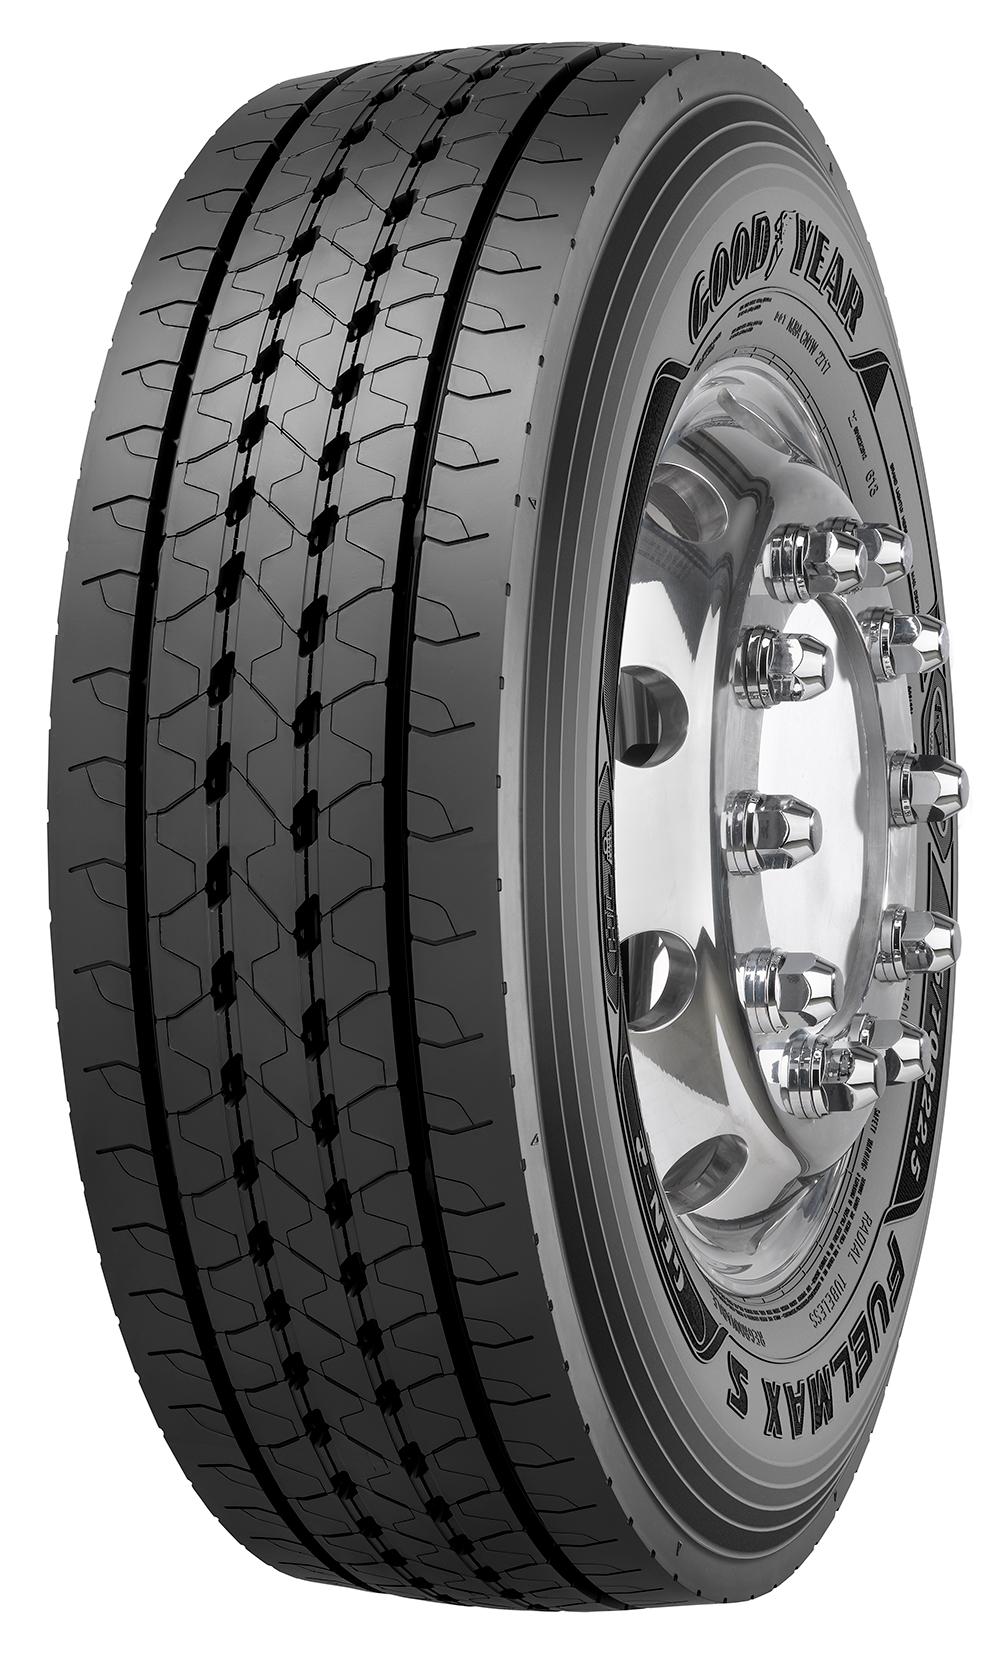 Ganador Premios Calidad y Servicio de la Posventa de Automoción 2019 Marca Que Sorprende | Neumáticos Goodyear